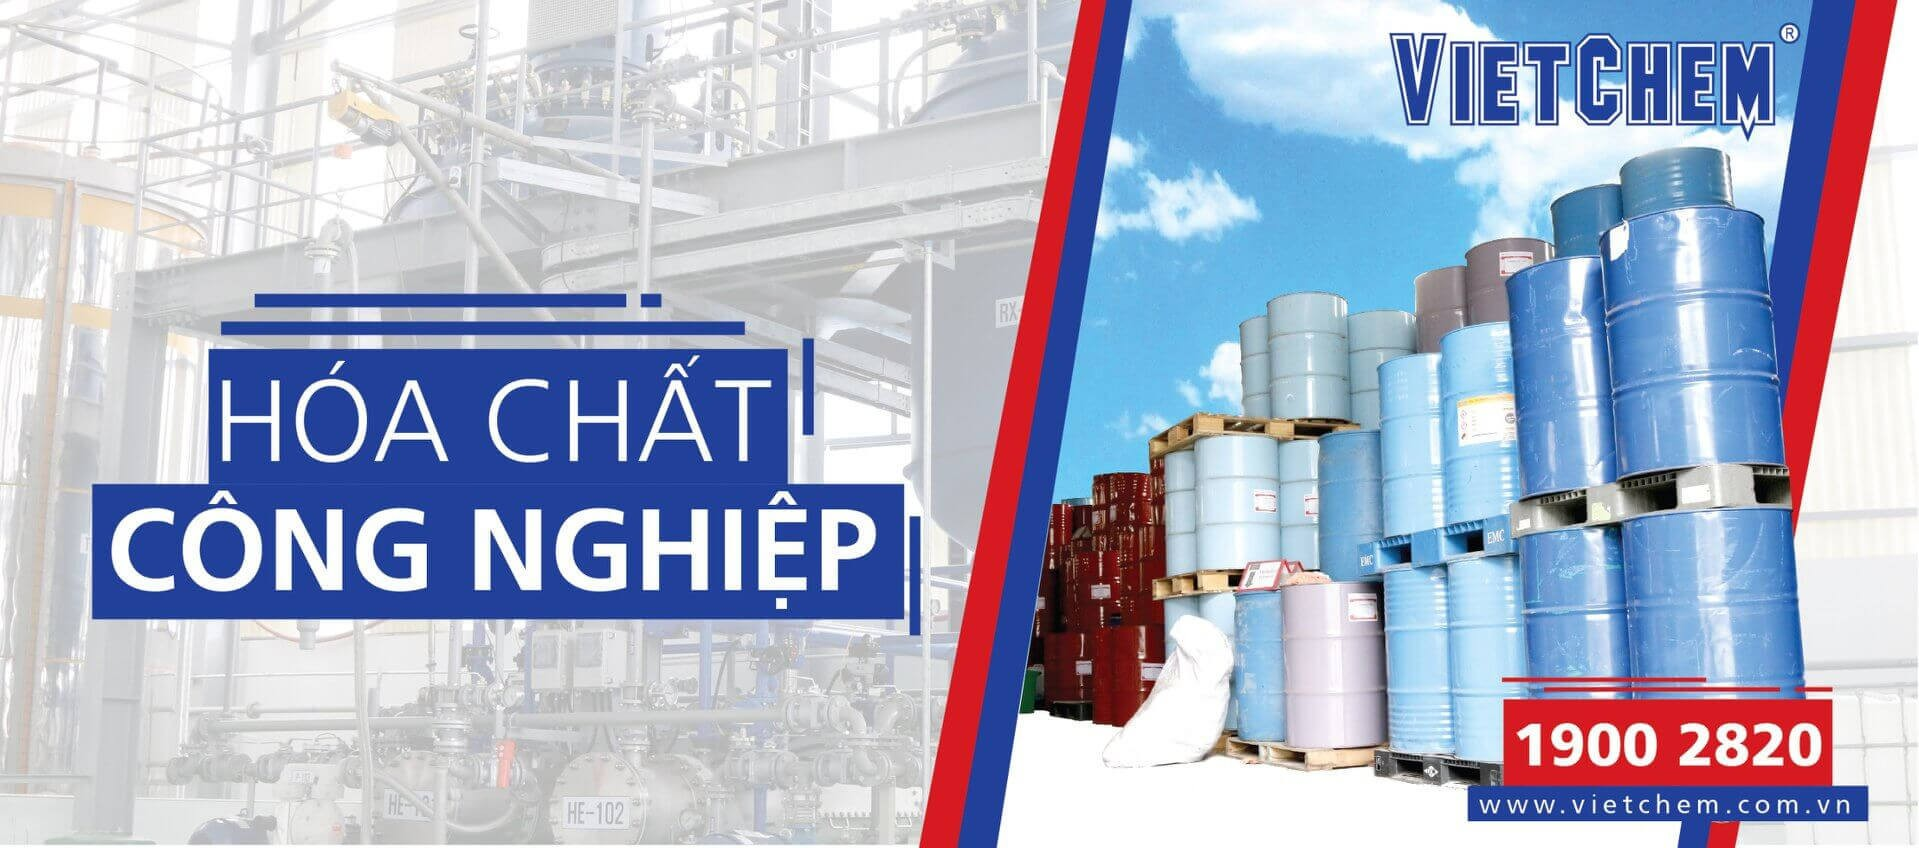 VietChem - Công ty cung cấp hóa chất bảo trì uy tín, chất lượng hàng đầu